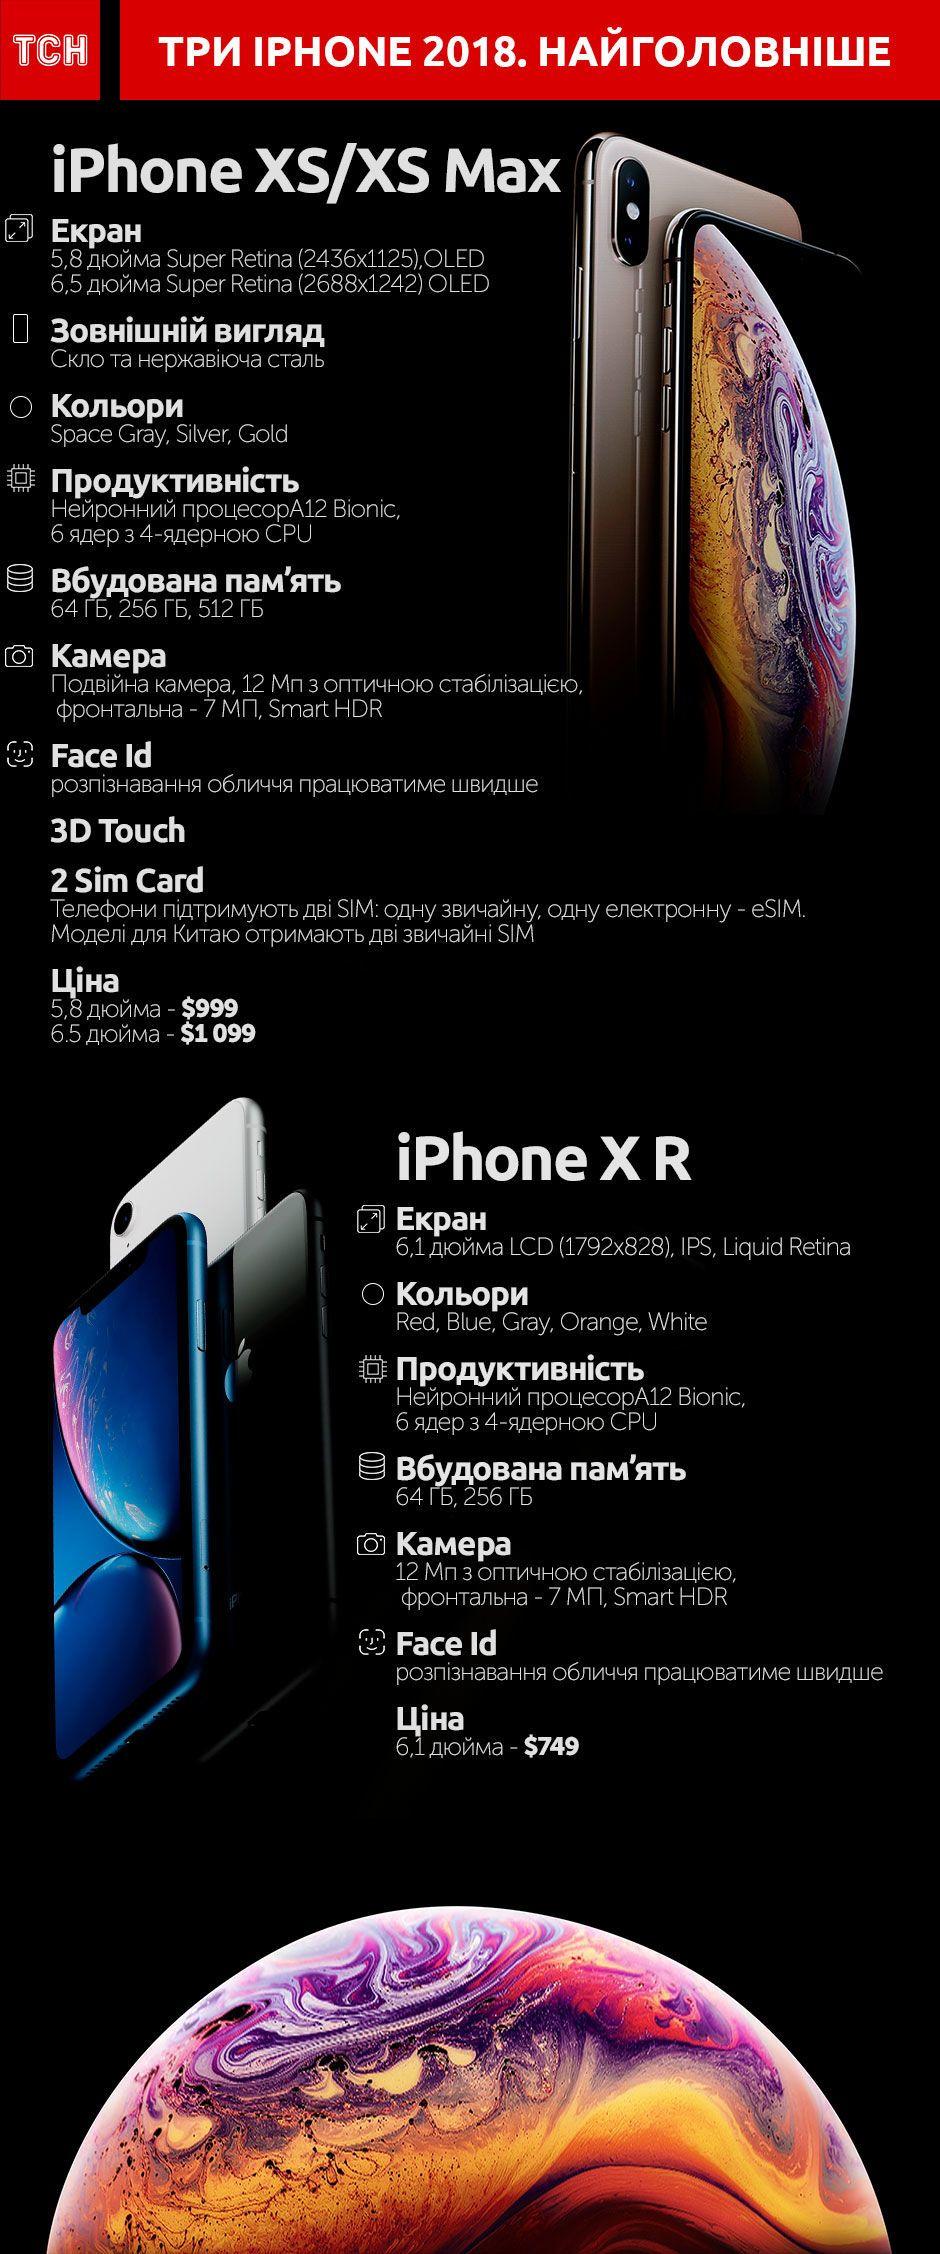 нові iPhone інфографіка